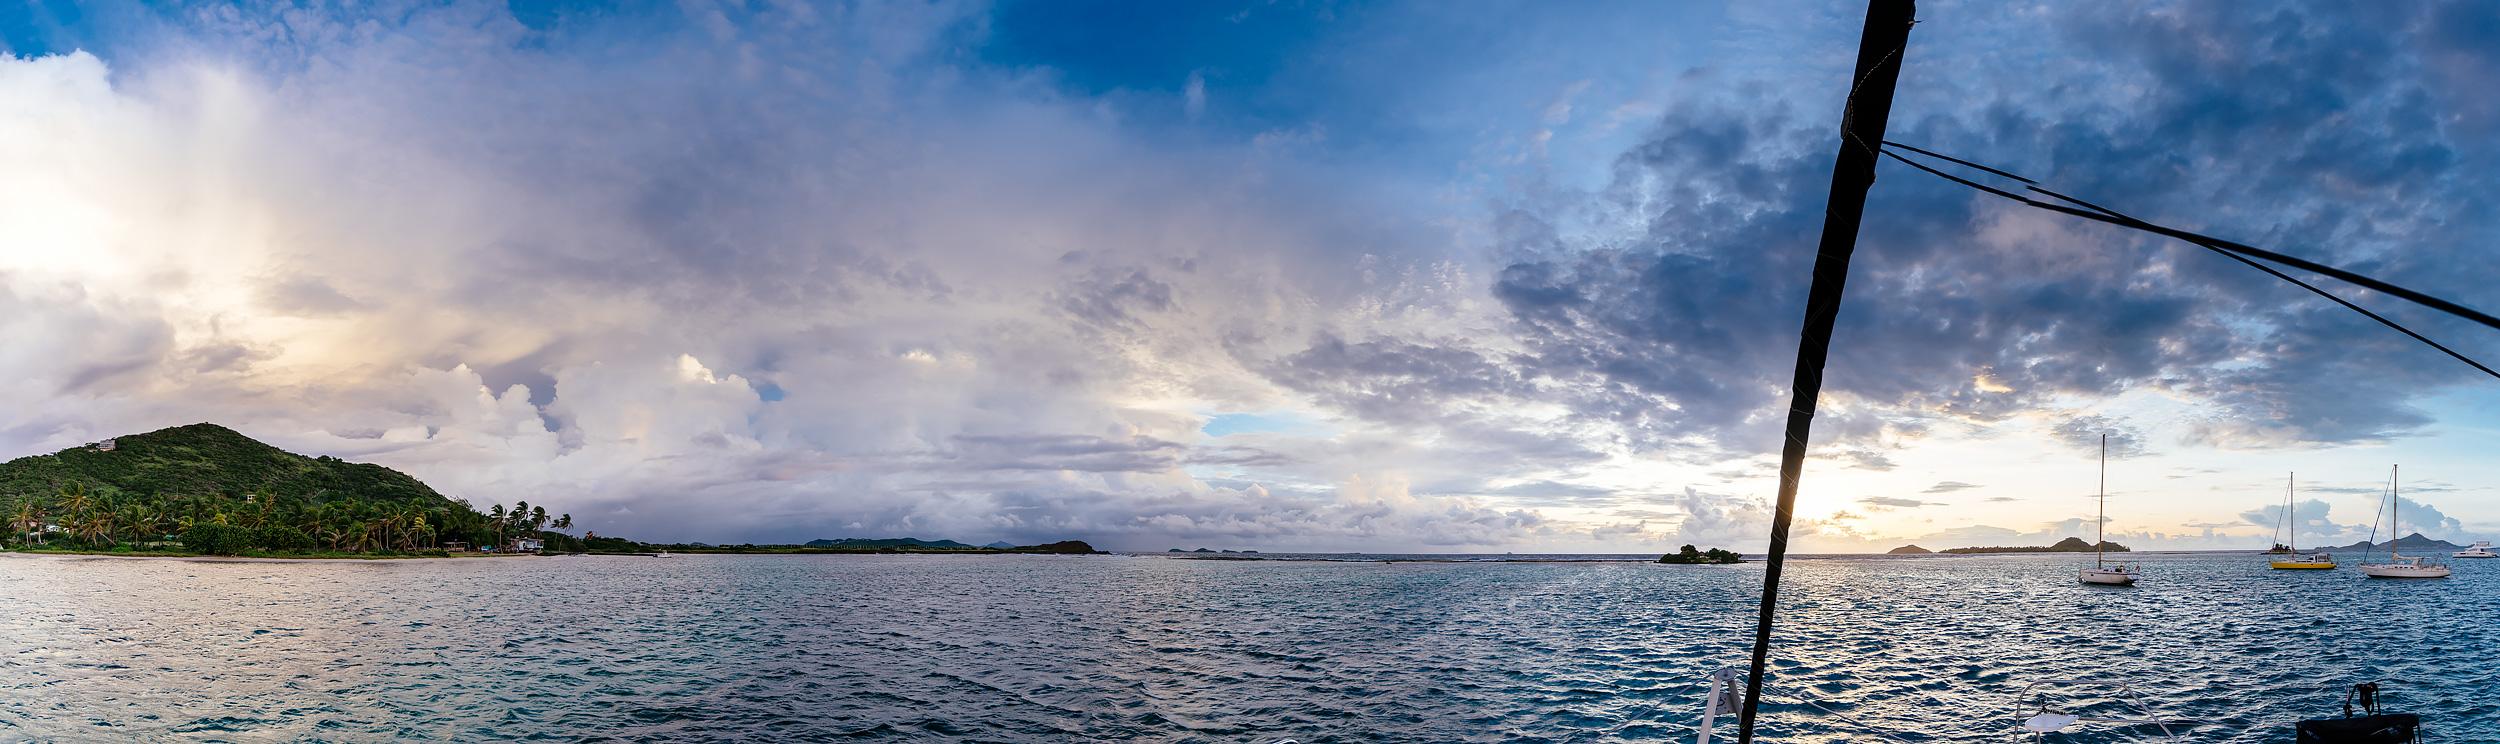 _dsc3773_6_panorama